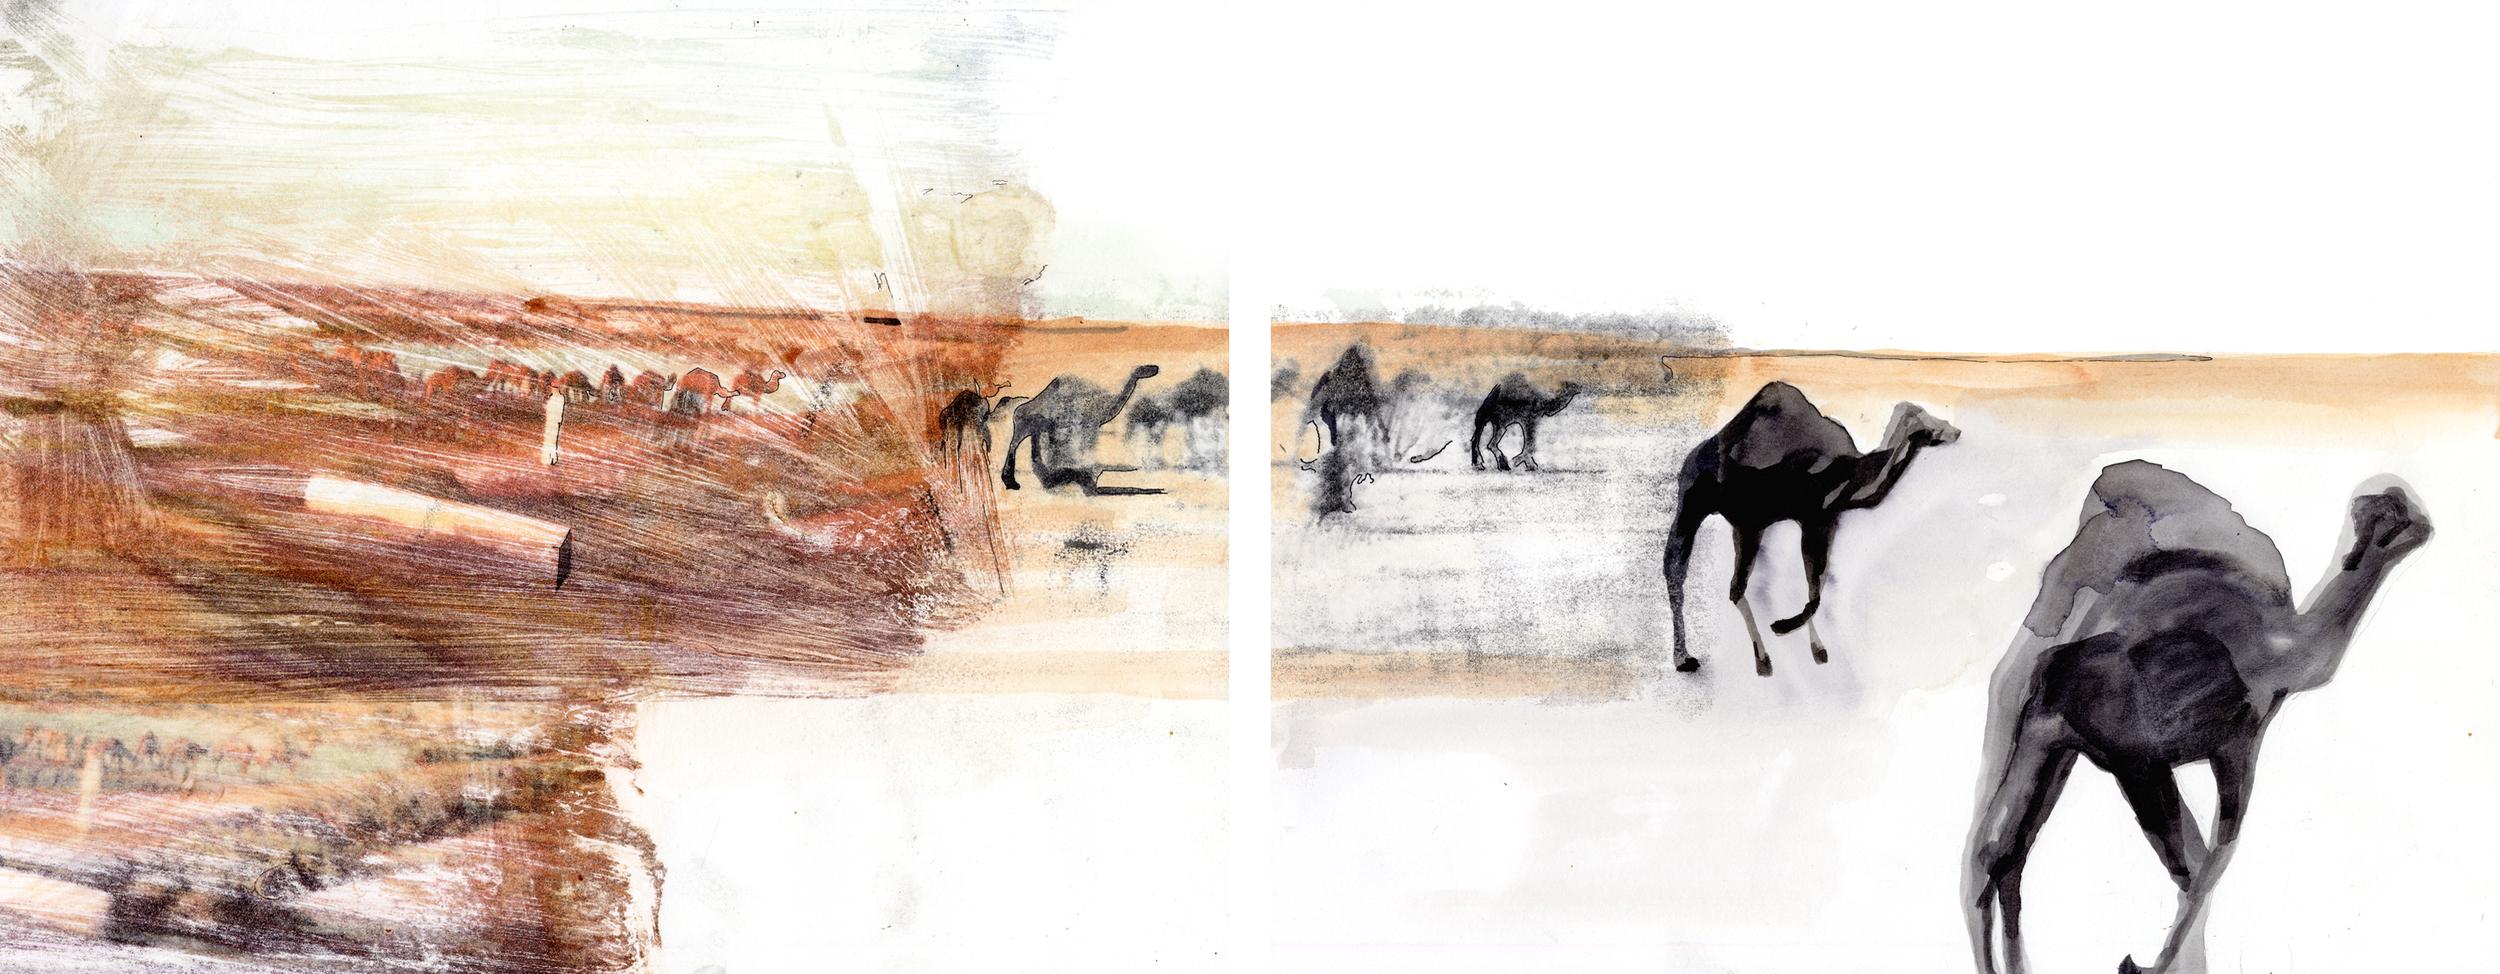 15 Camel Herder.png